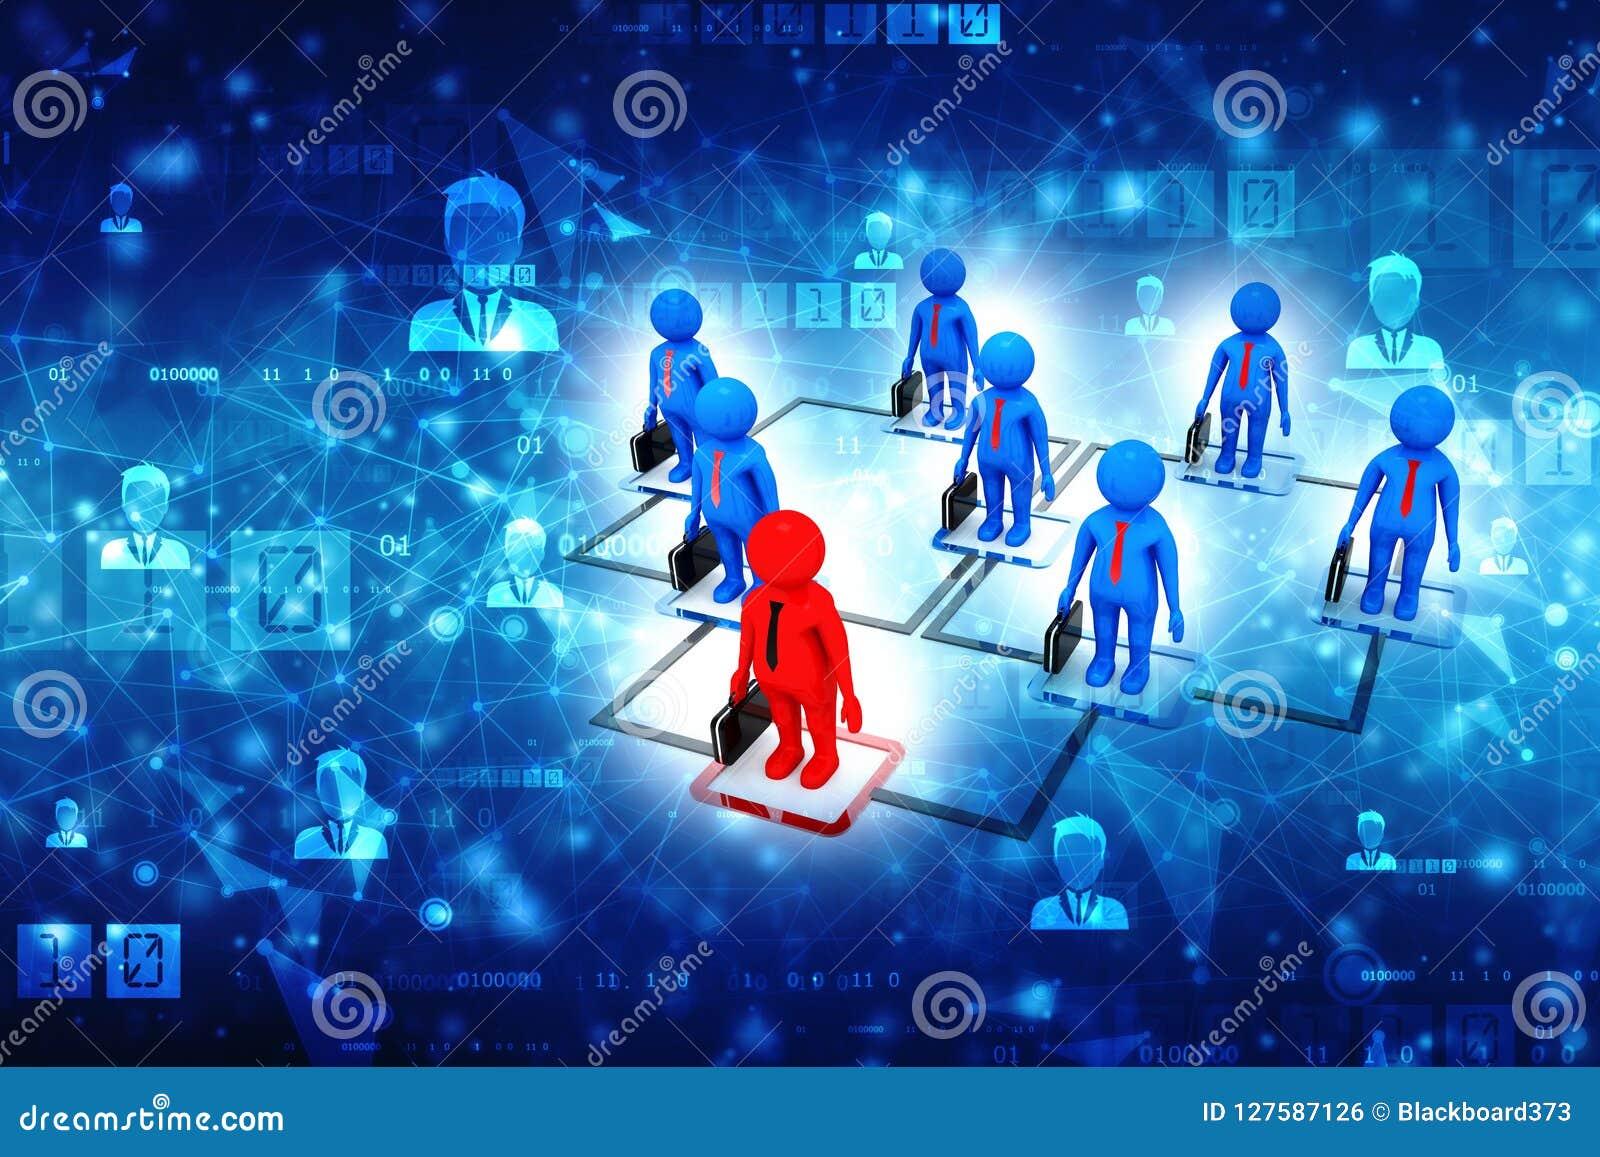 Biznesowy sieci pojęcie, lider, przywódctwo pojęcie, komunikacja biznesowa świadczenia 3 d